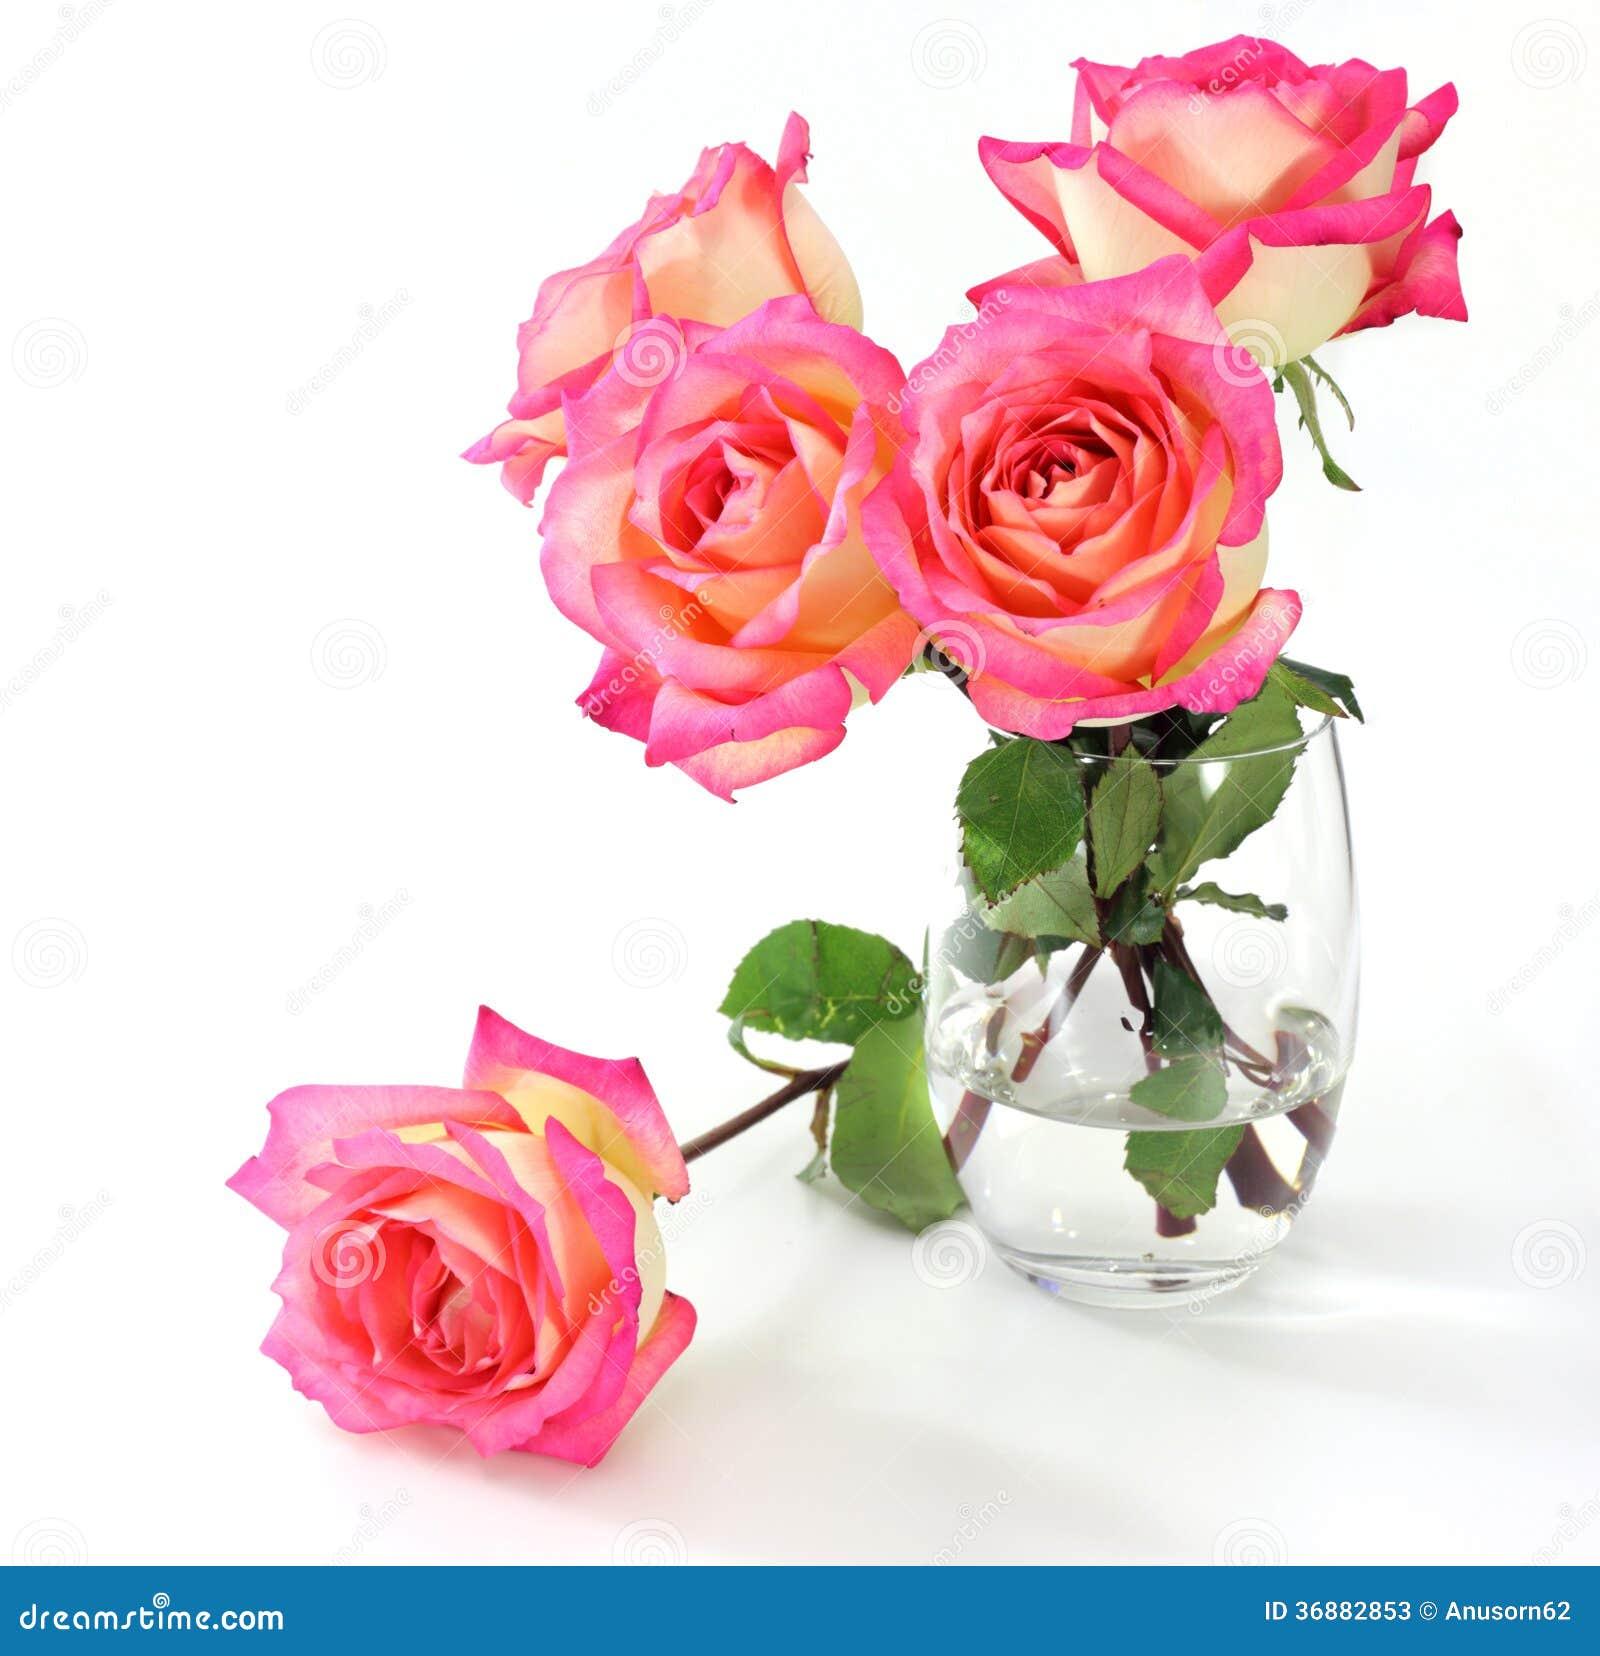 Download Rosa di rosa immagine stock. Immagine di anniversario - 36882853